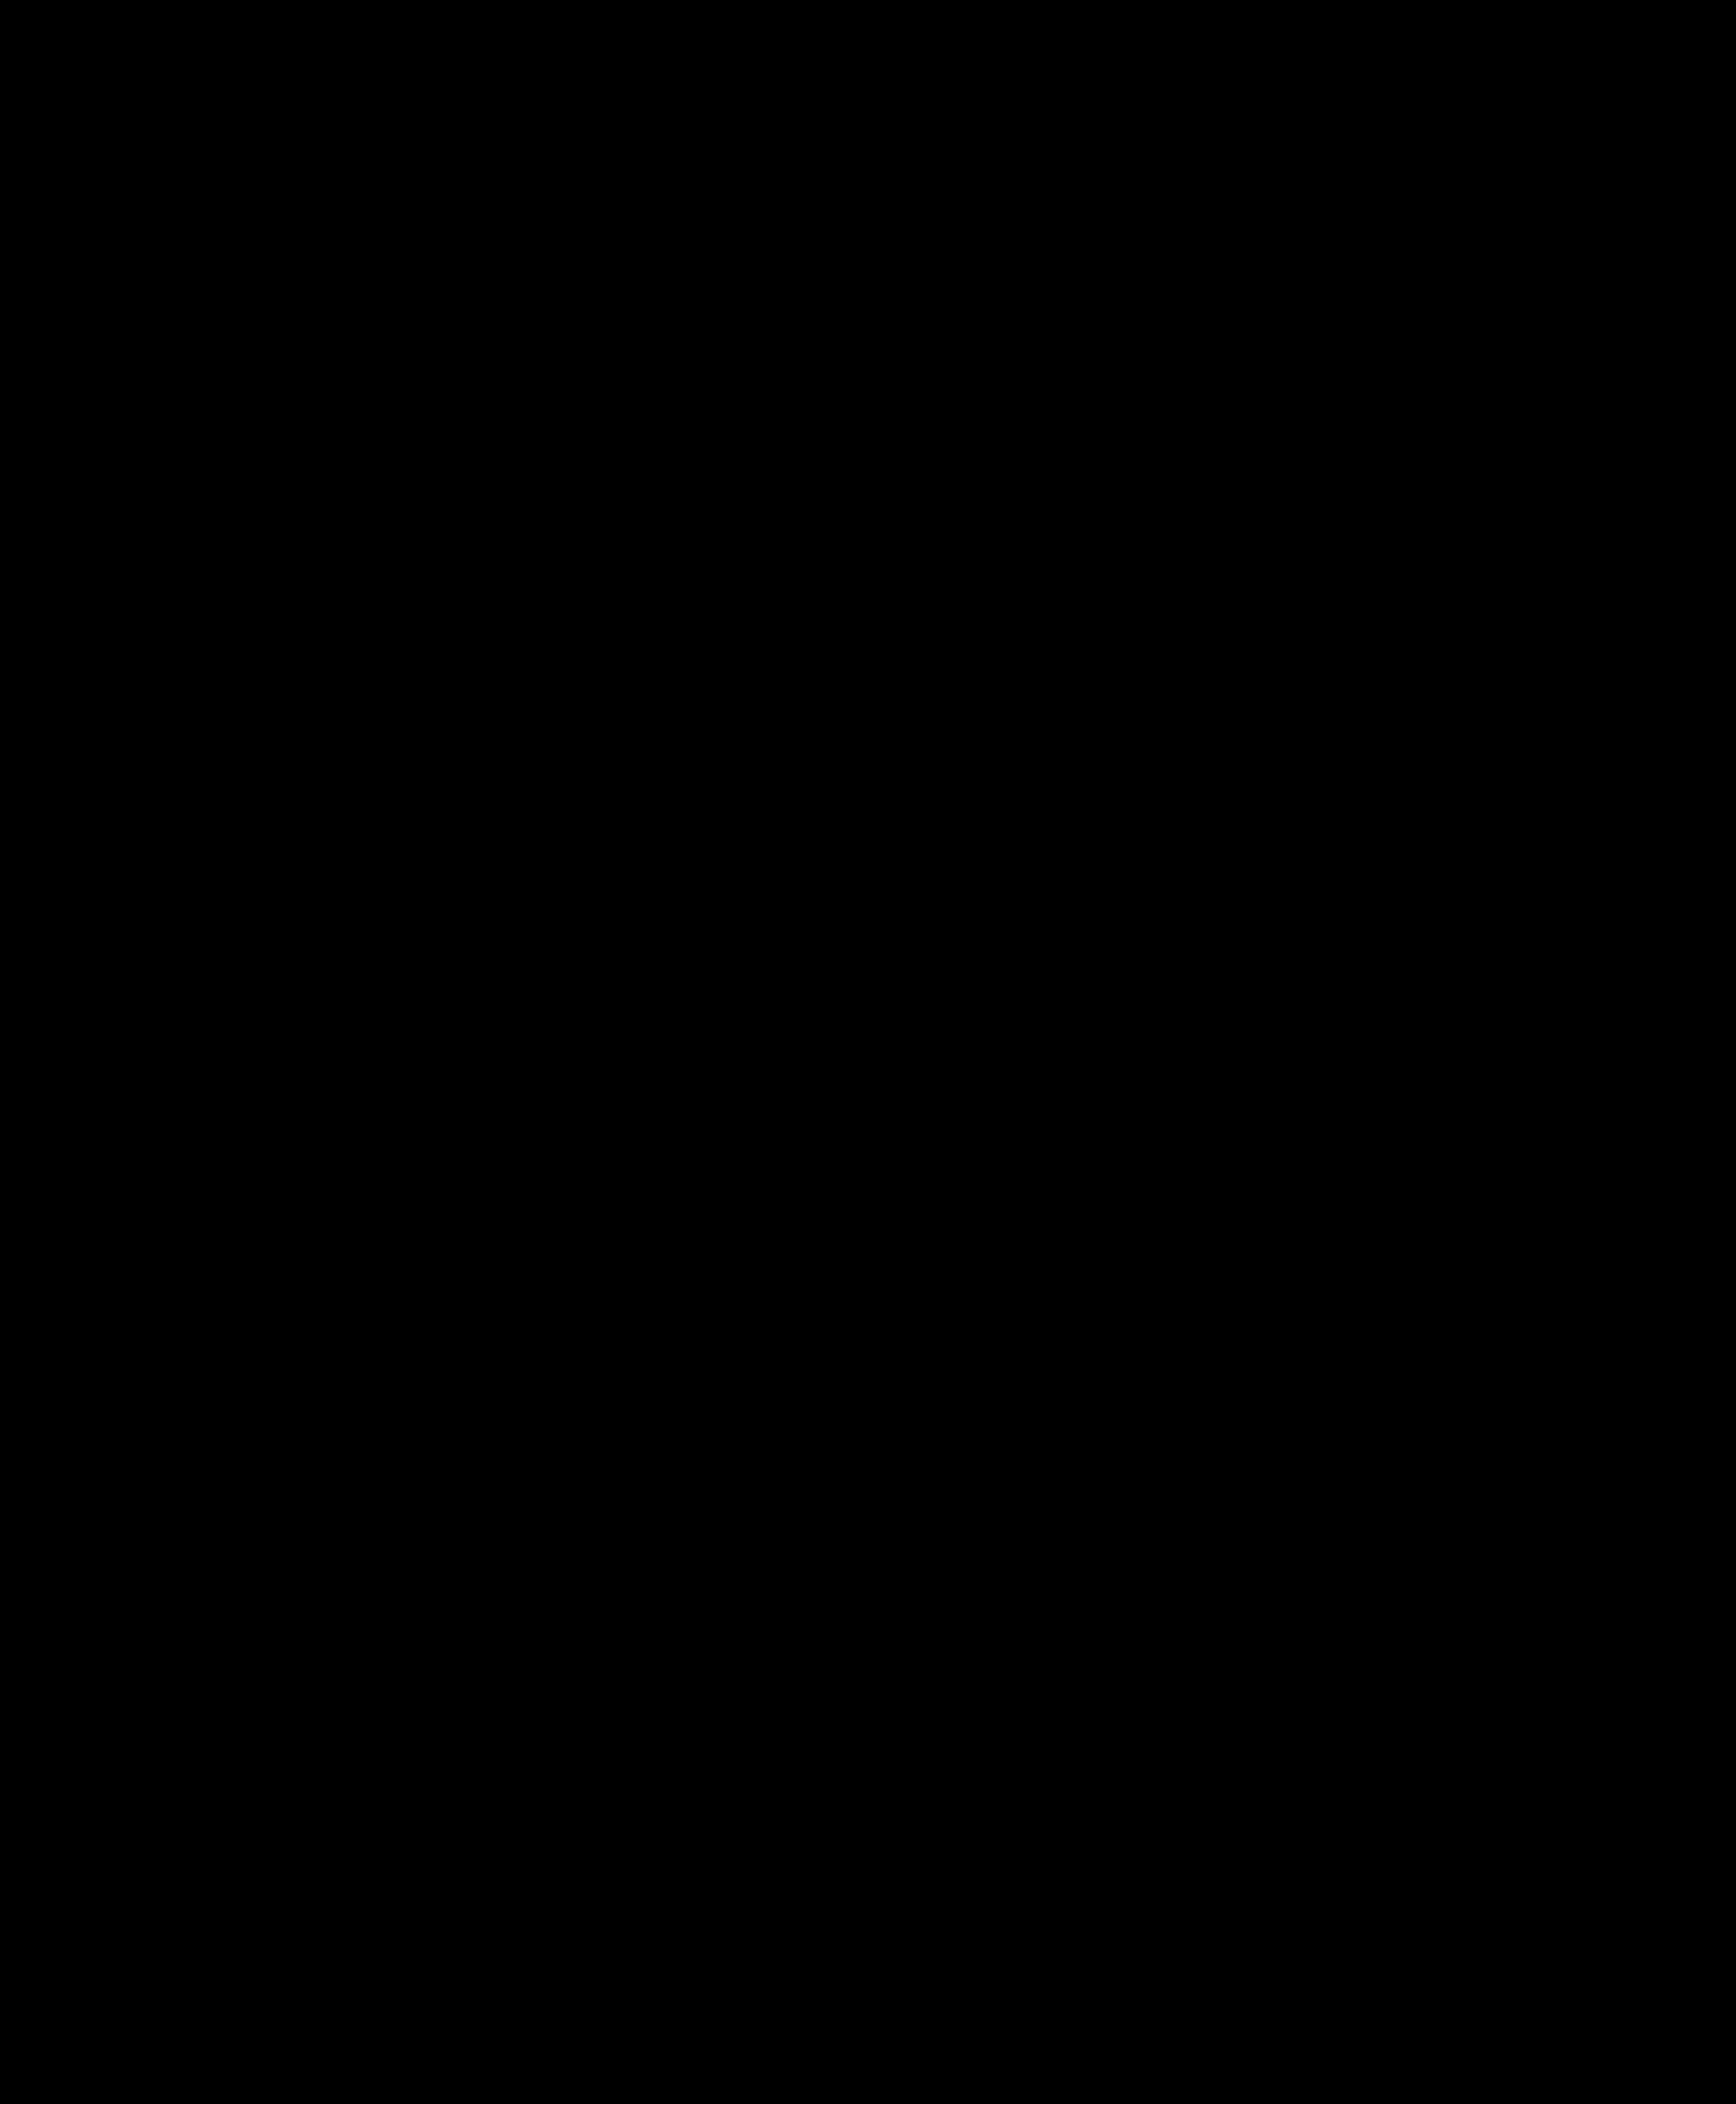 chris-bale-2-4